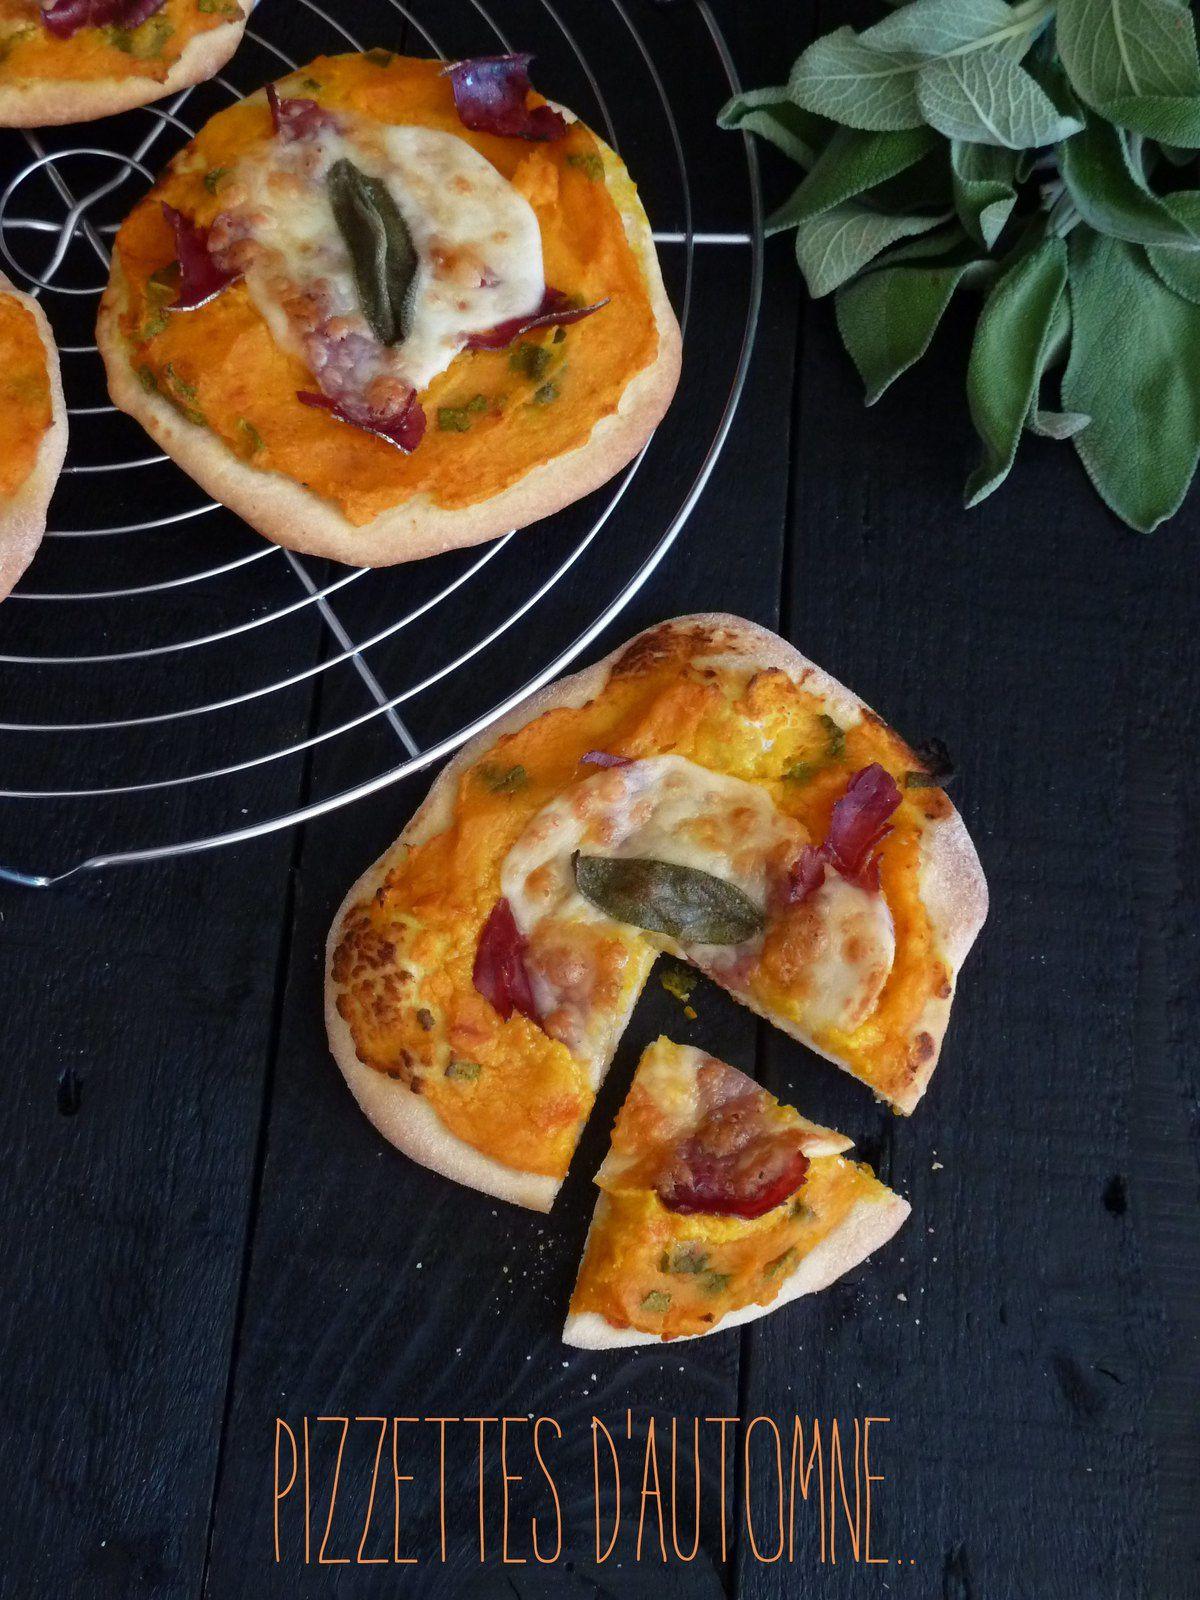 Pizzettes d'automne {Potimarron-mozza-grison}